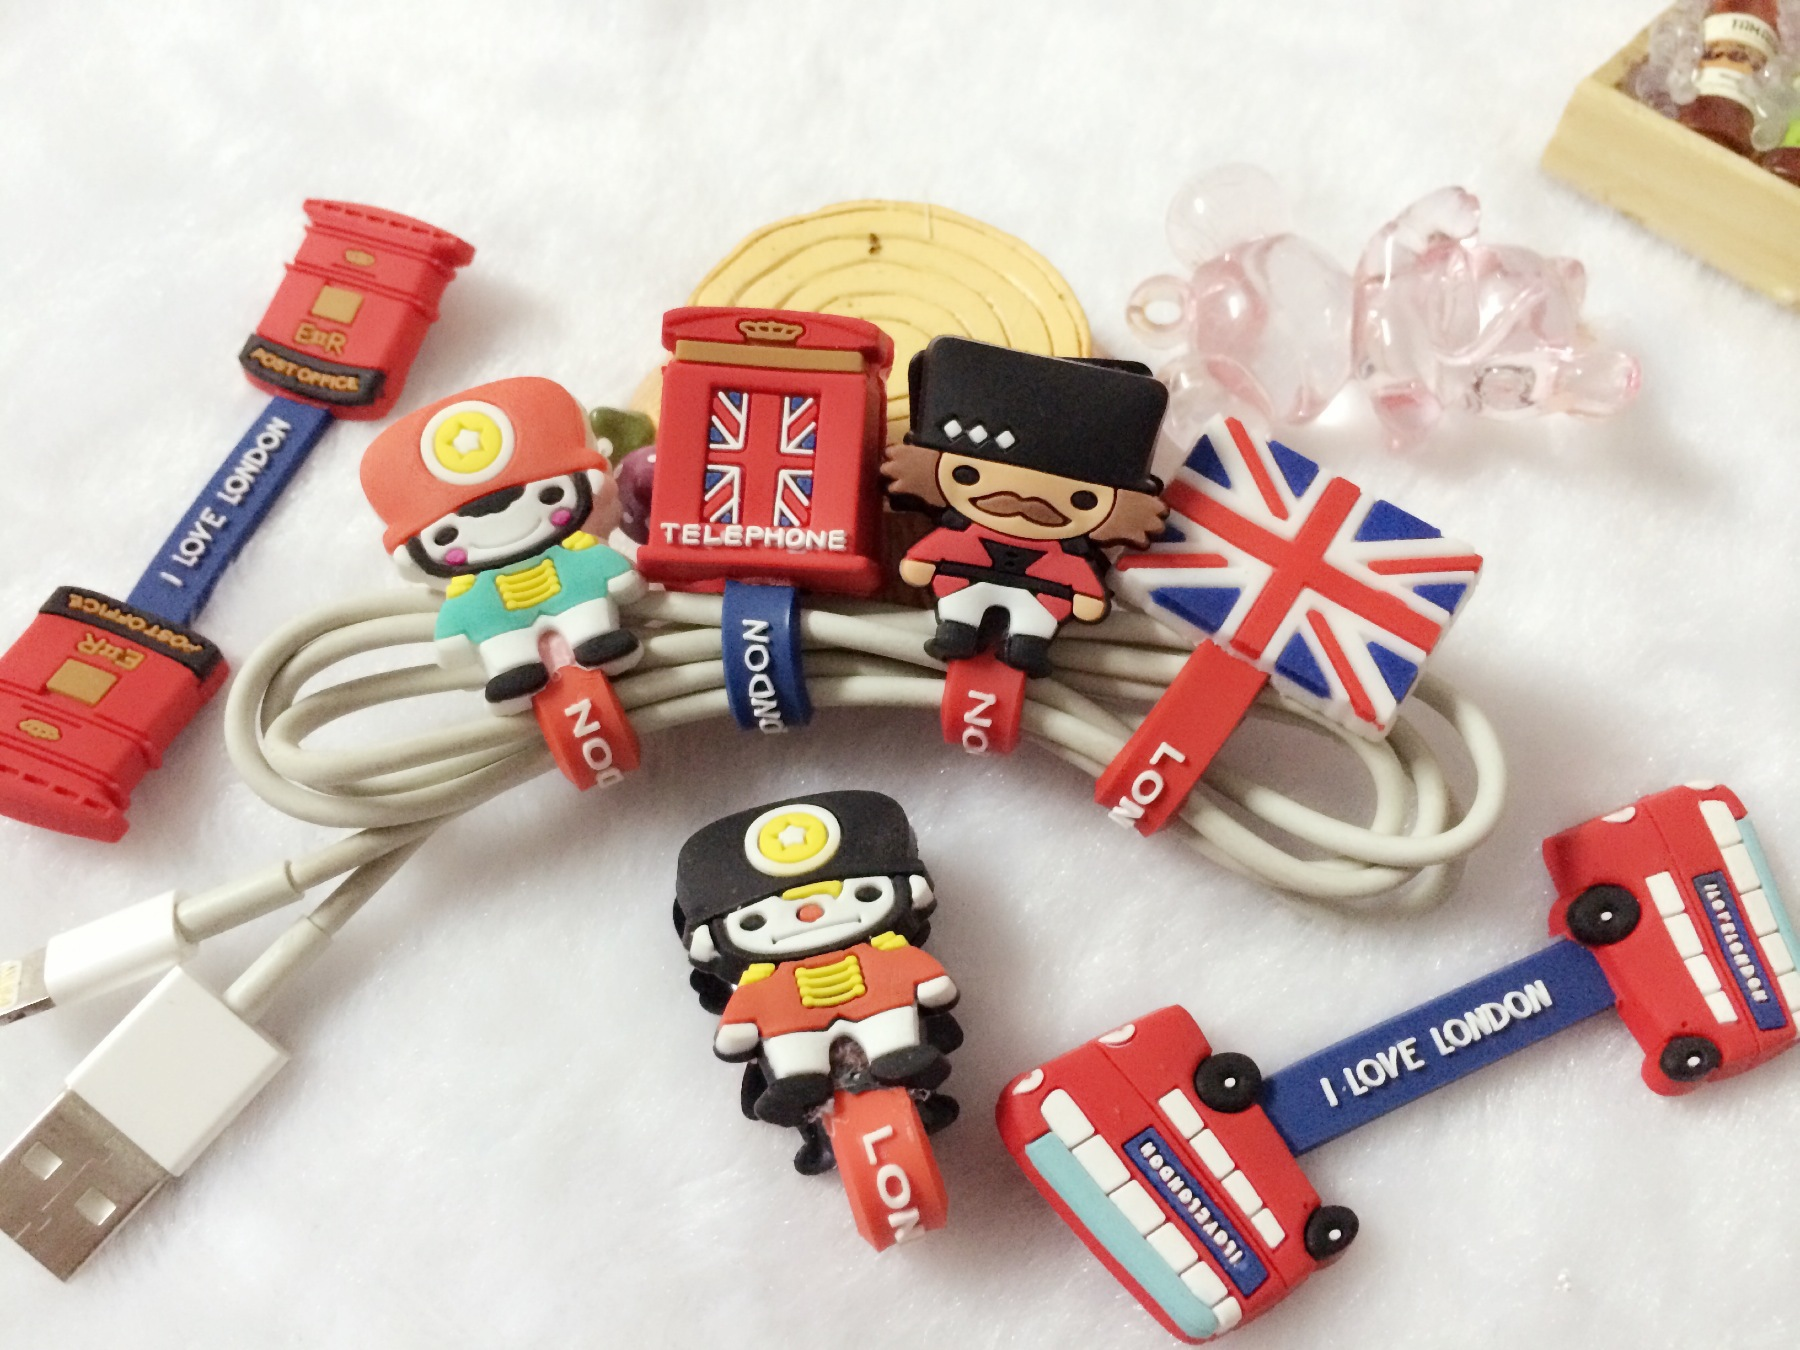 Устройства для сматывания шнуров из Китая